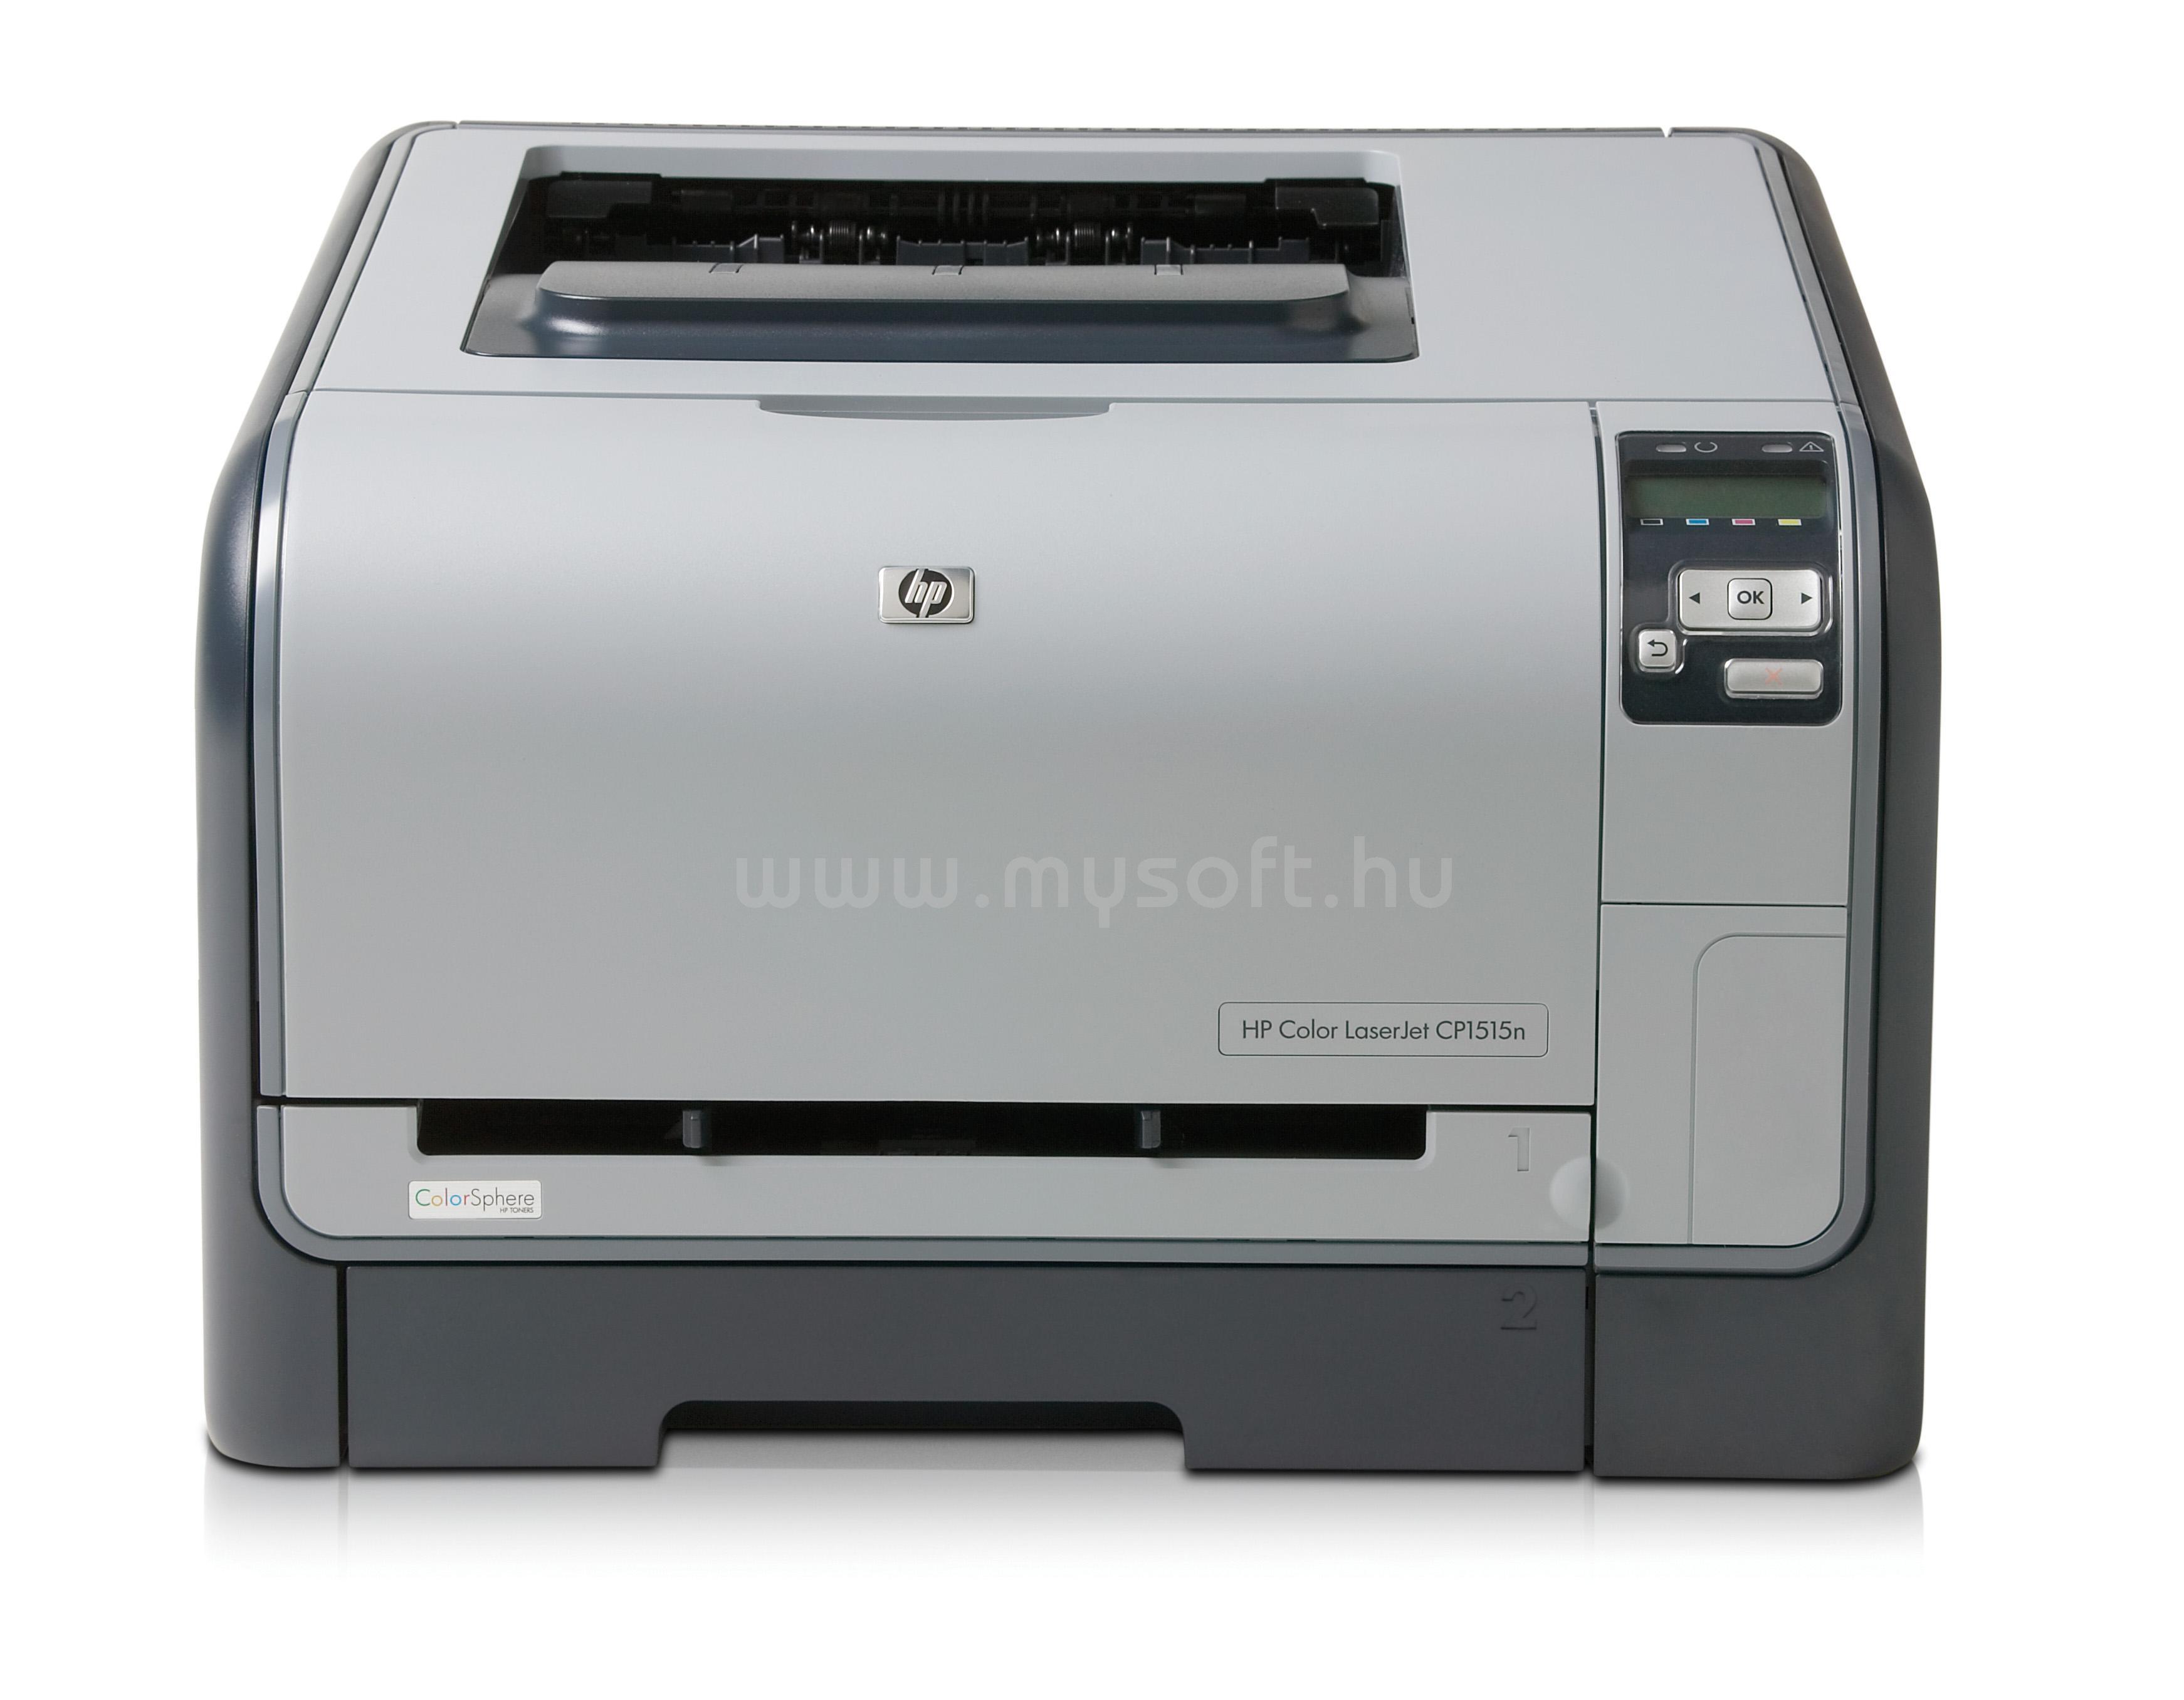 Скачать драйвер HP Deskjet 2050a